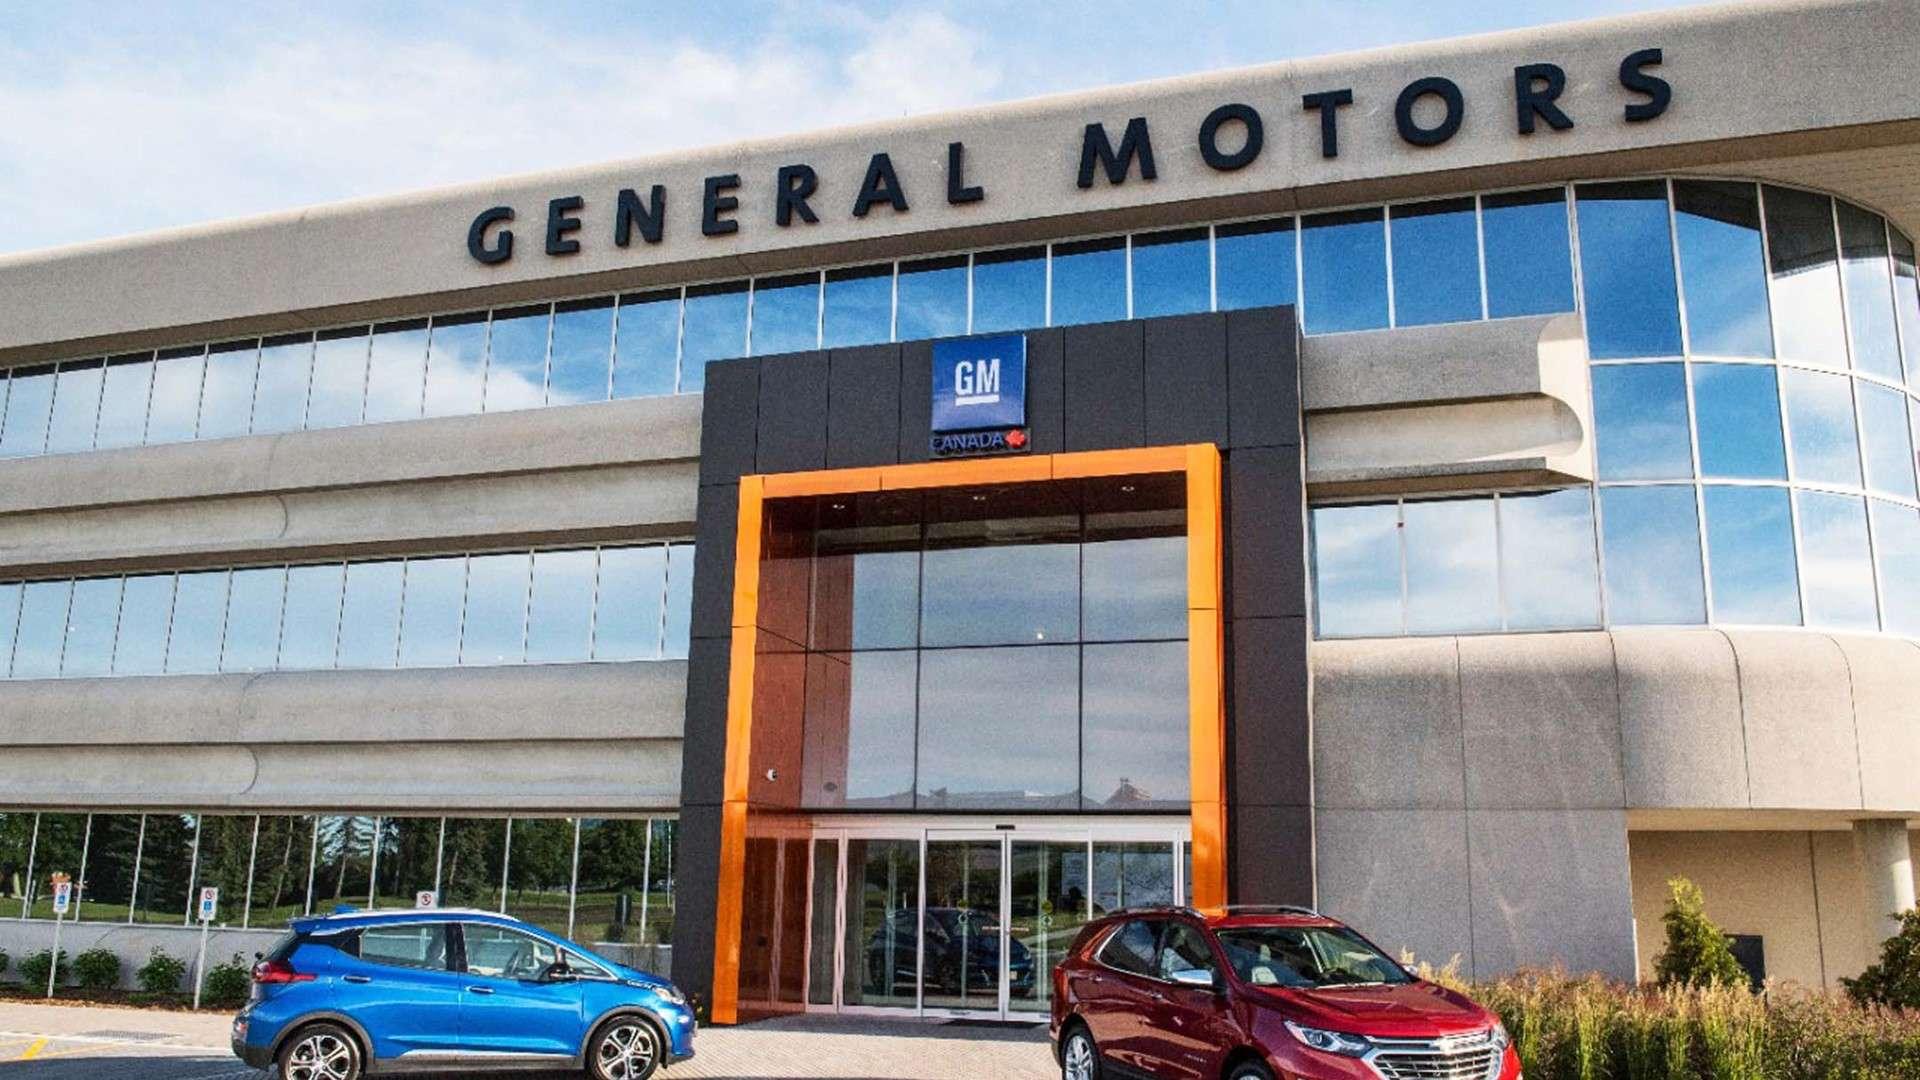 Le PDG de GM est optimiste quant à la demande américaine, la Chine et la rentabilité des véhicules électriques